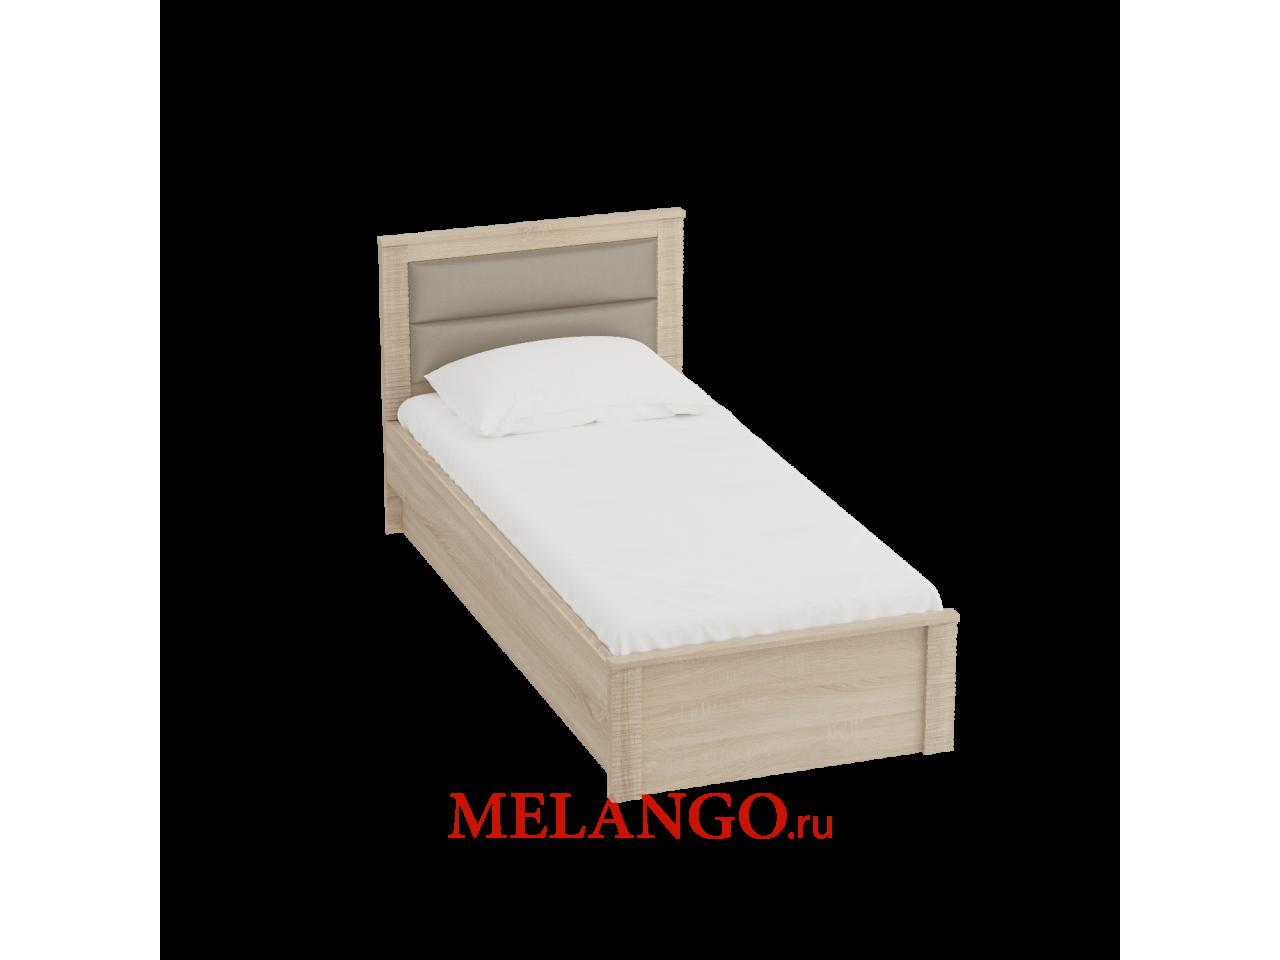 Односпальняа кровать Элана